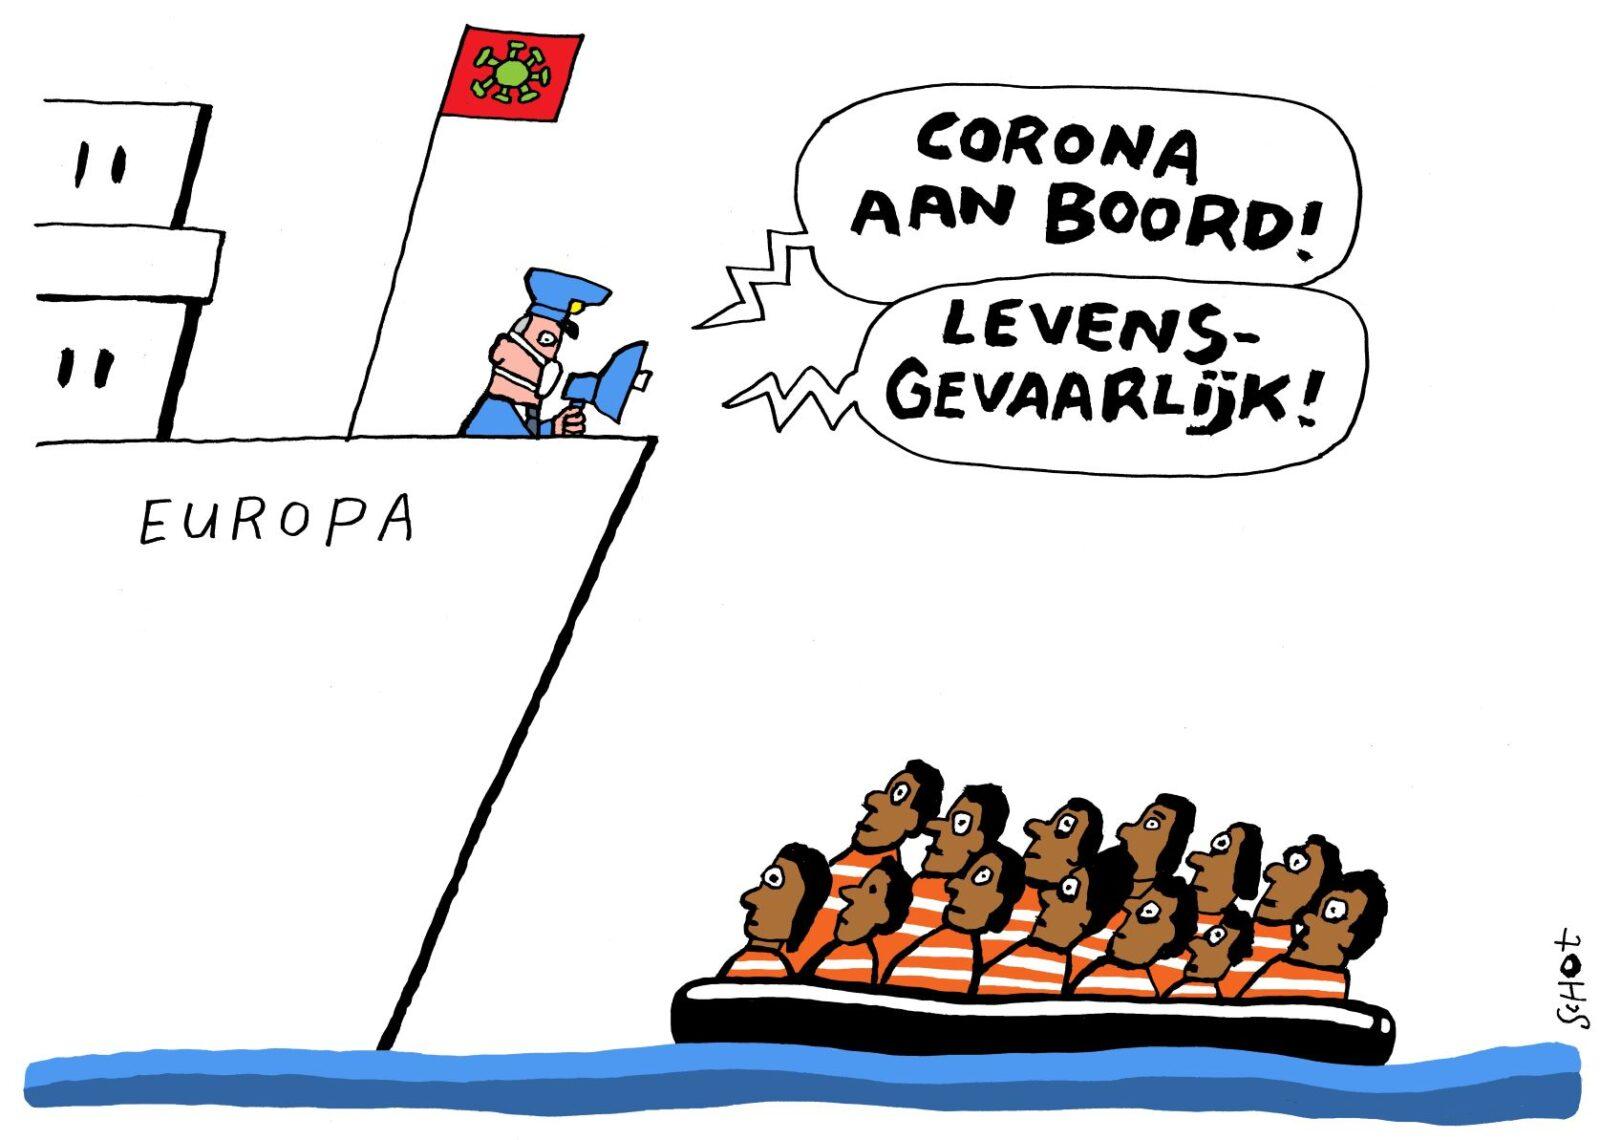 kwestie corona thea hilhorst 2 – bas van der schot